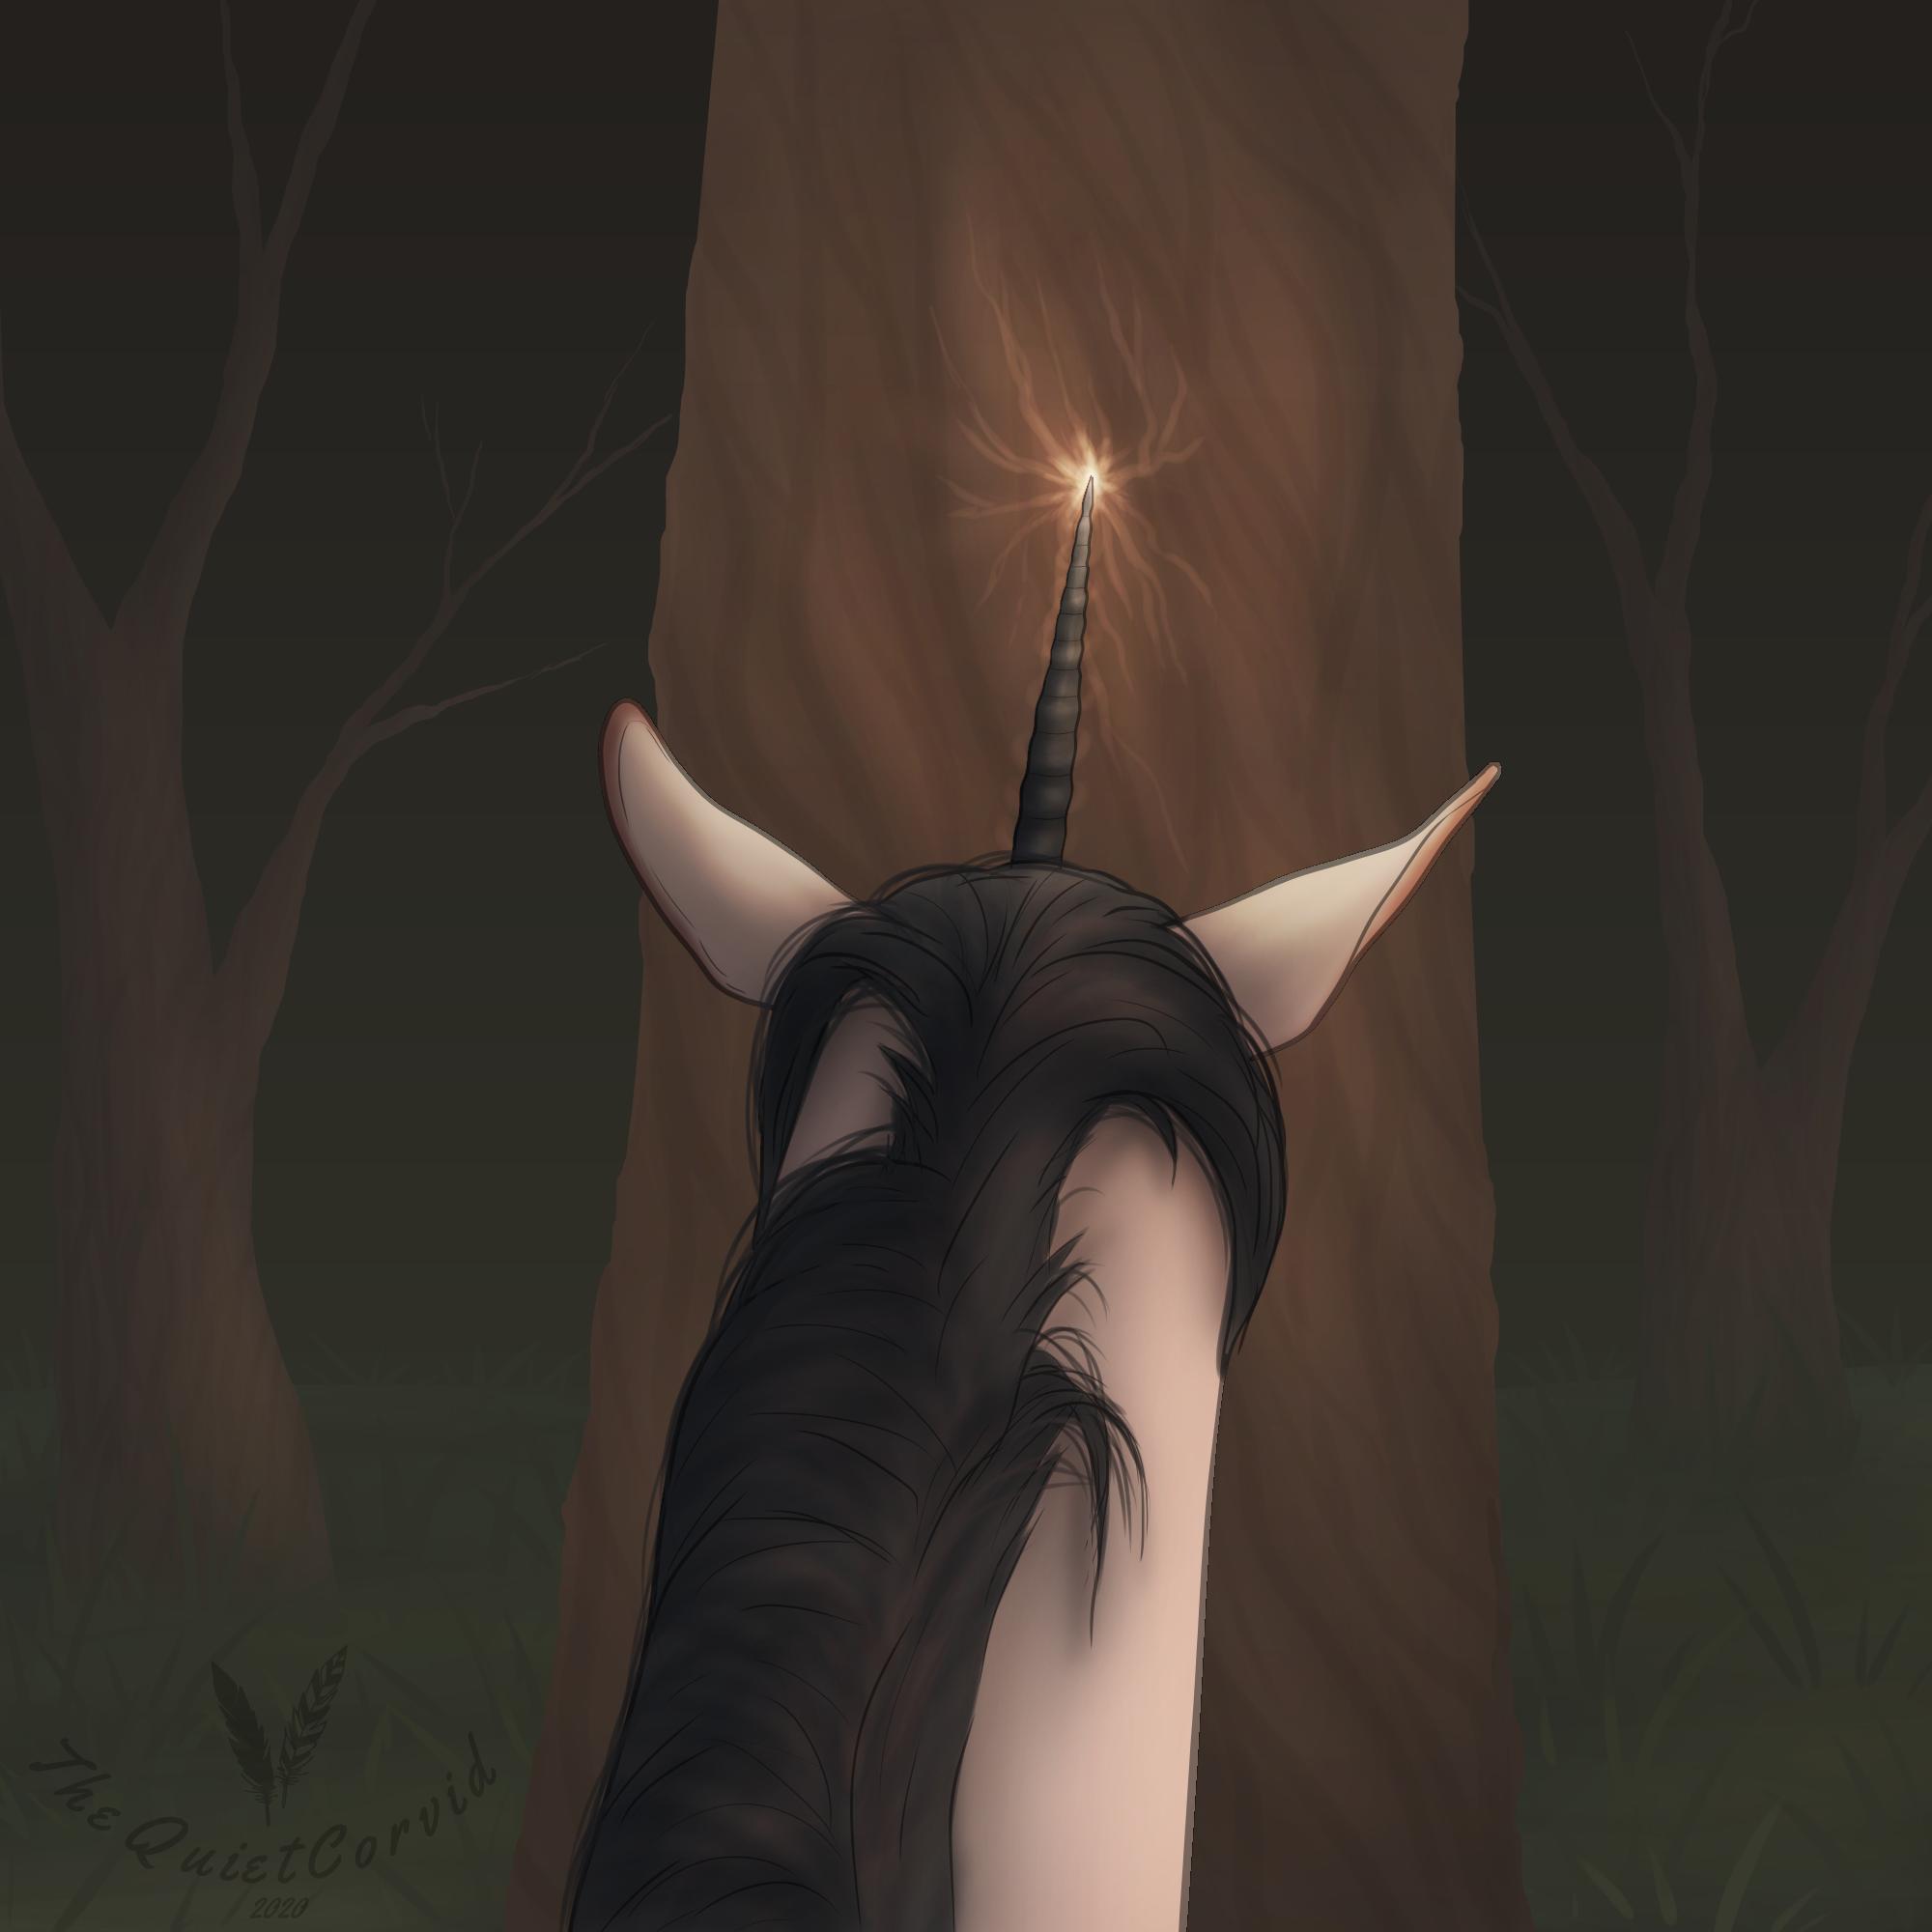 Spooktober   Day 3 - Unicorn